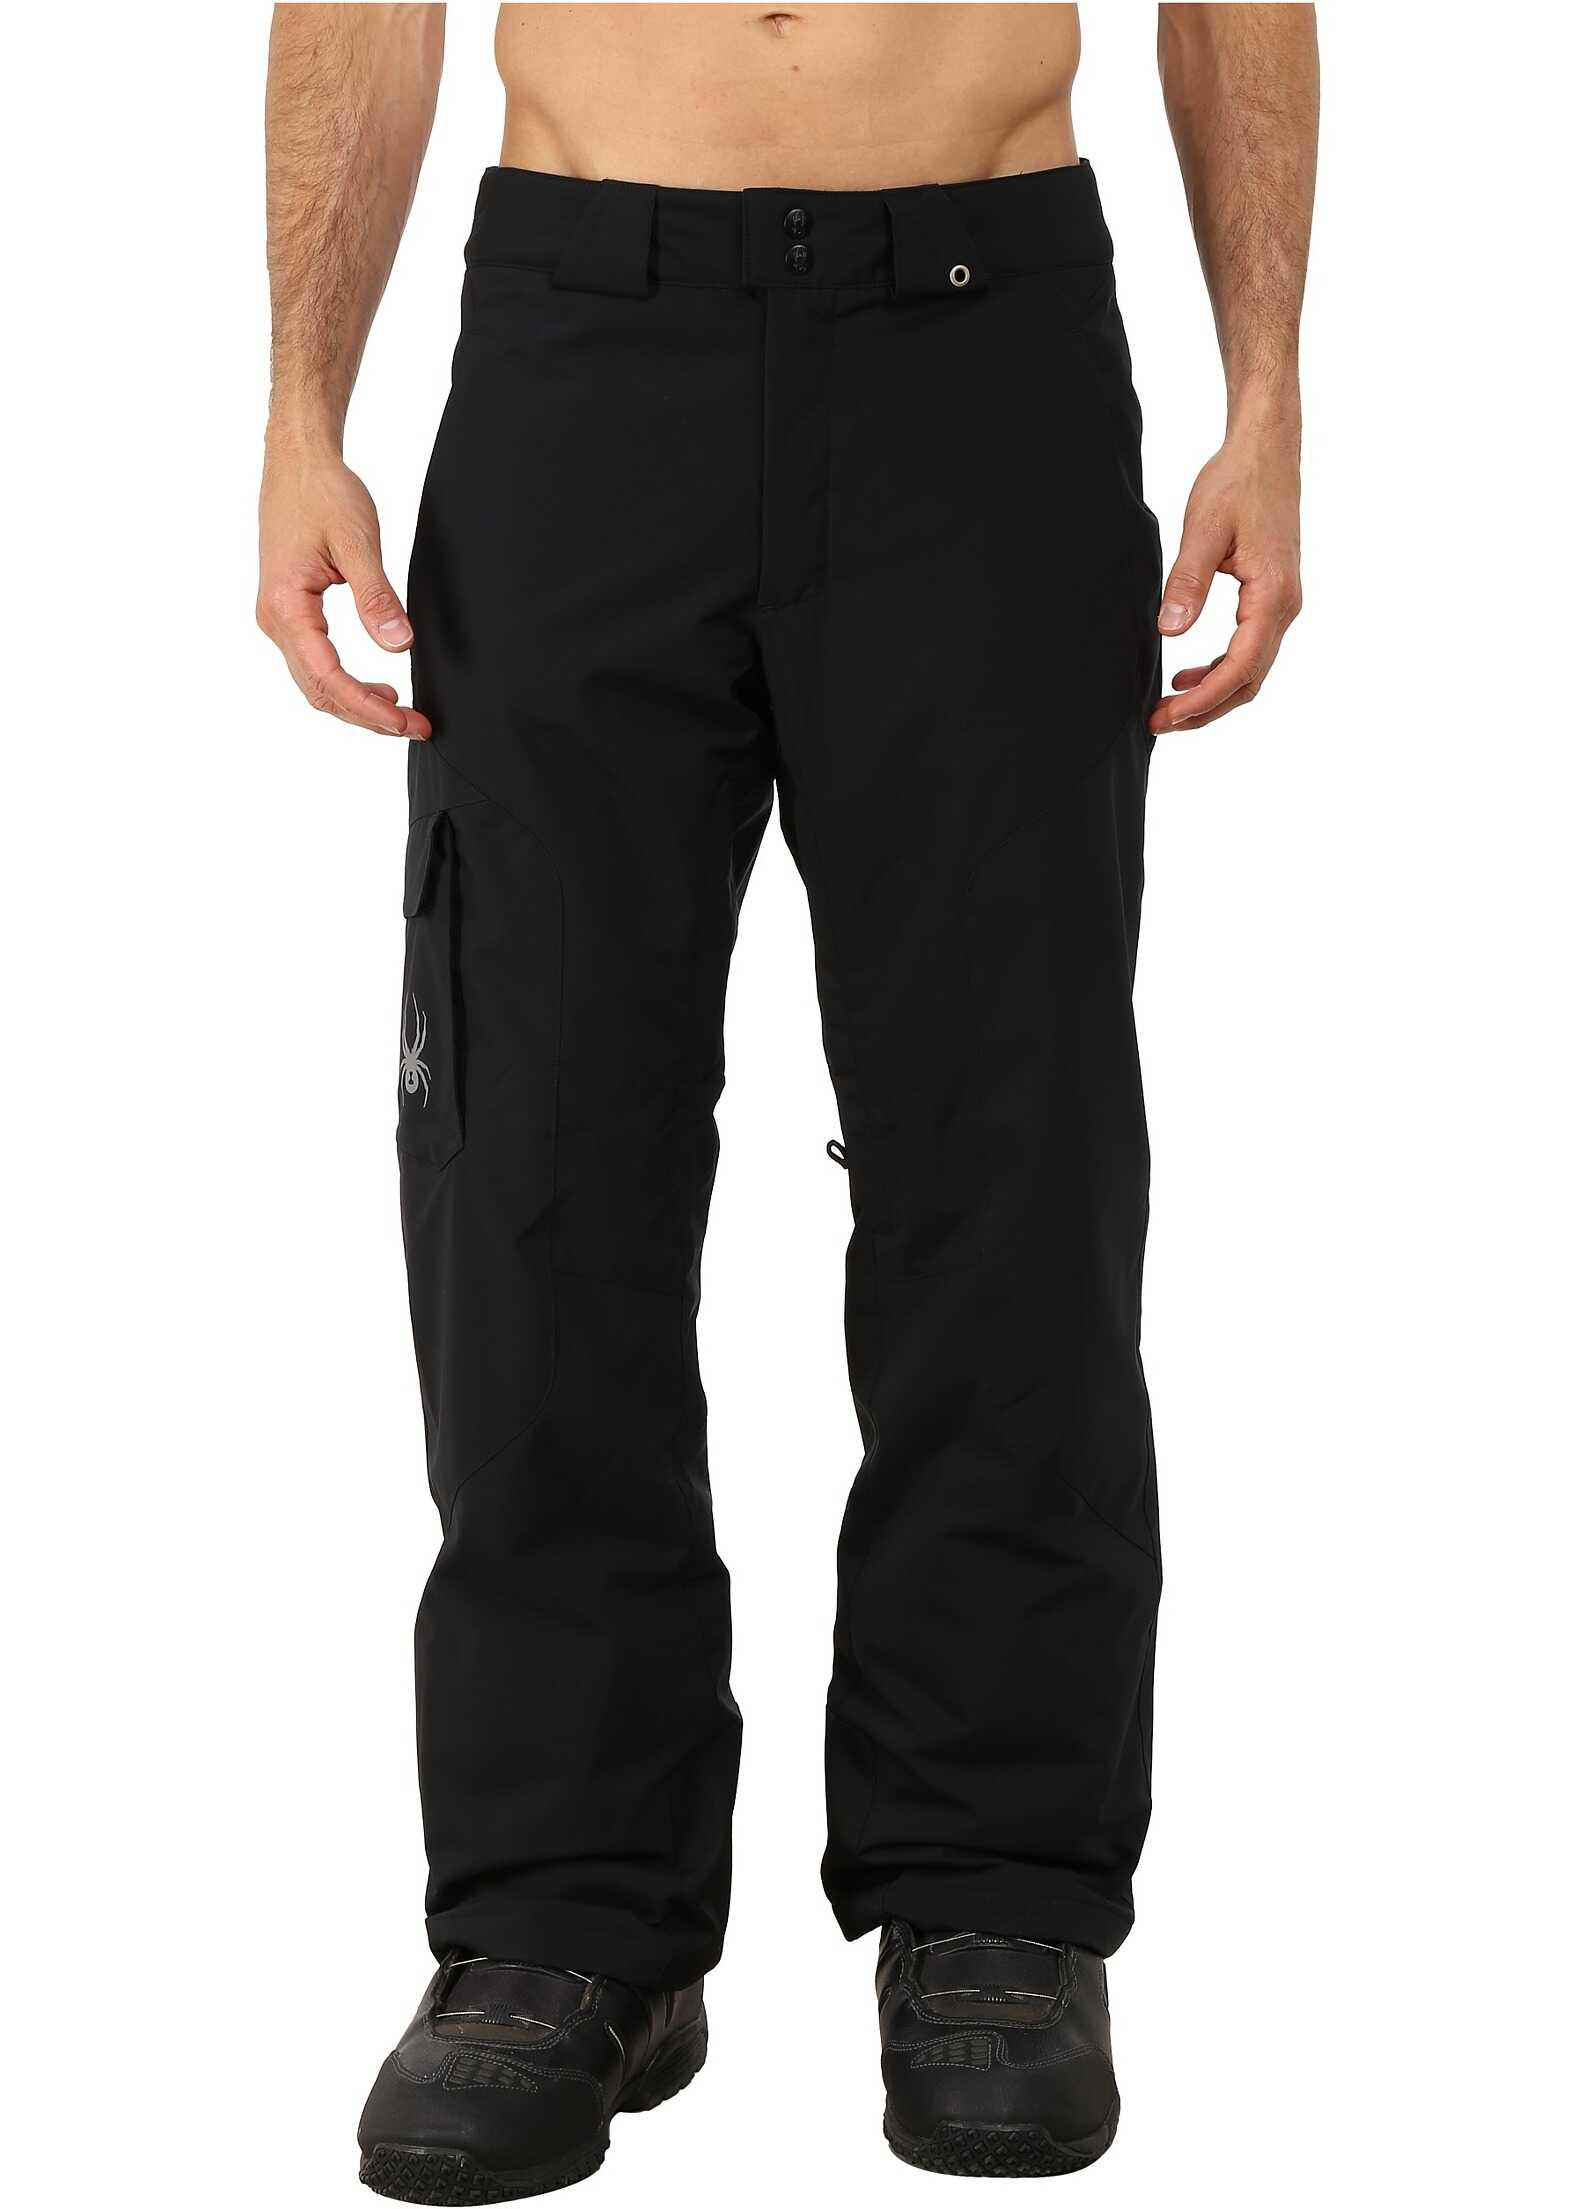 Spyder Troublemaker Pants Black